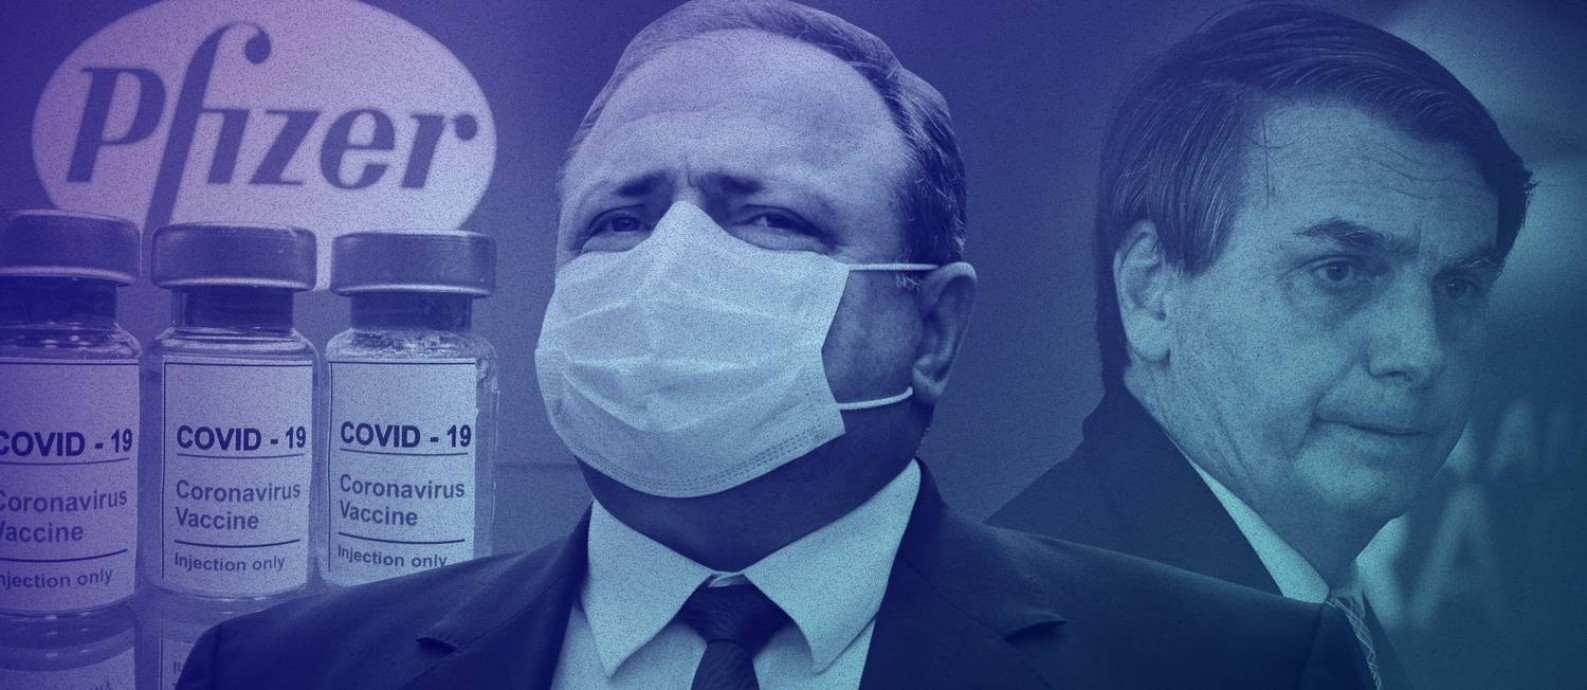 Gestão de Eduardo Pazuello no Ministério da saúde está no centro das investigações da CPI da Covid Foto: Editoria de Arte